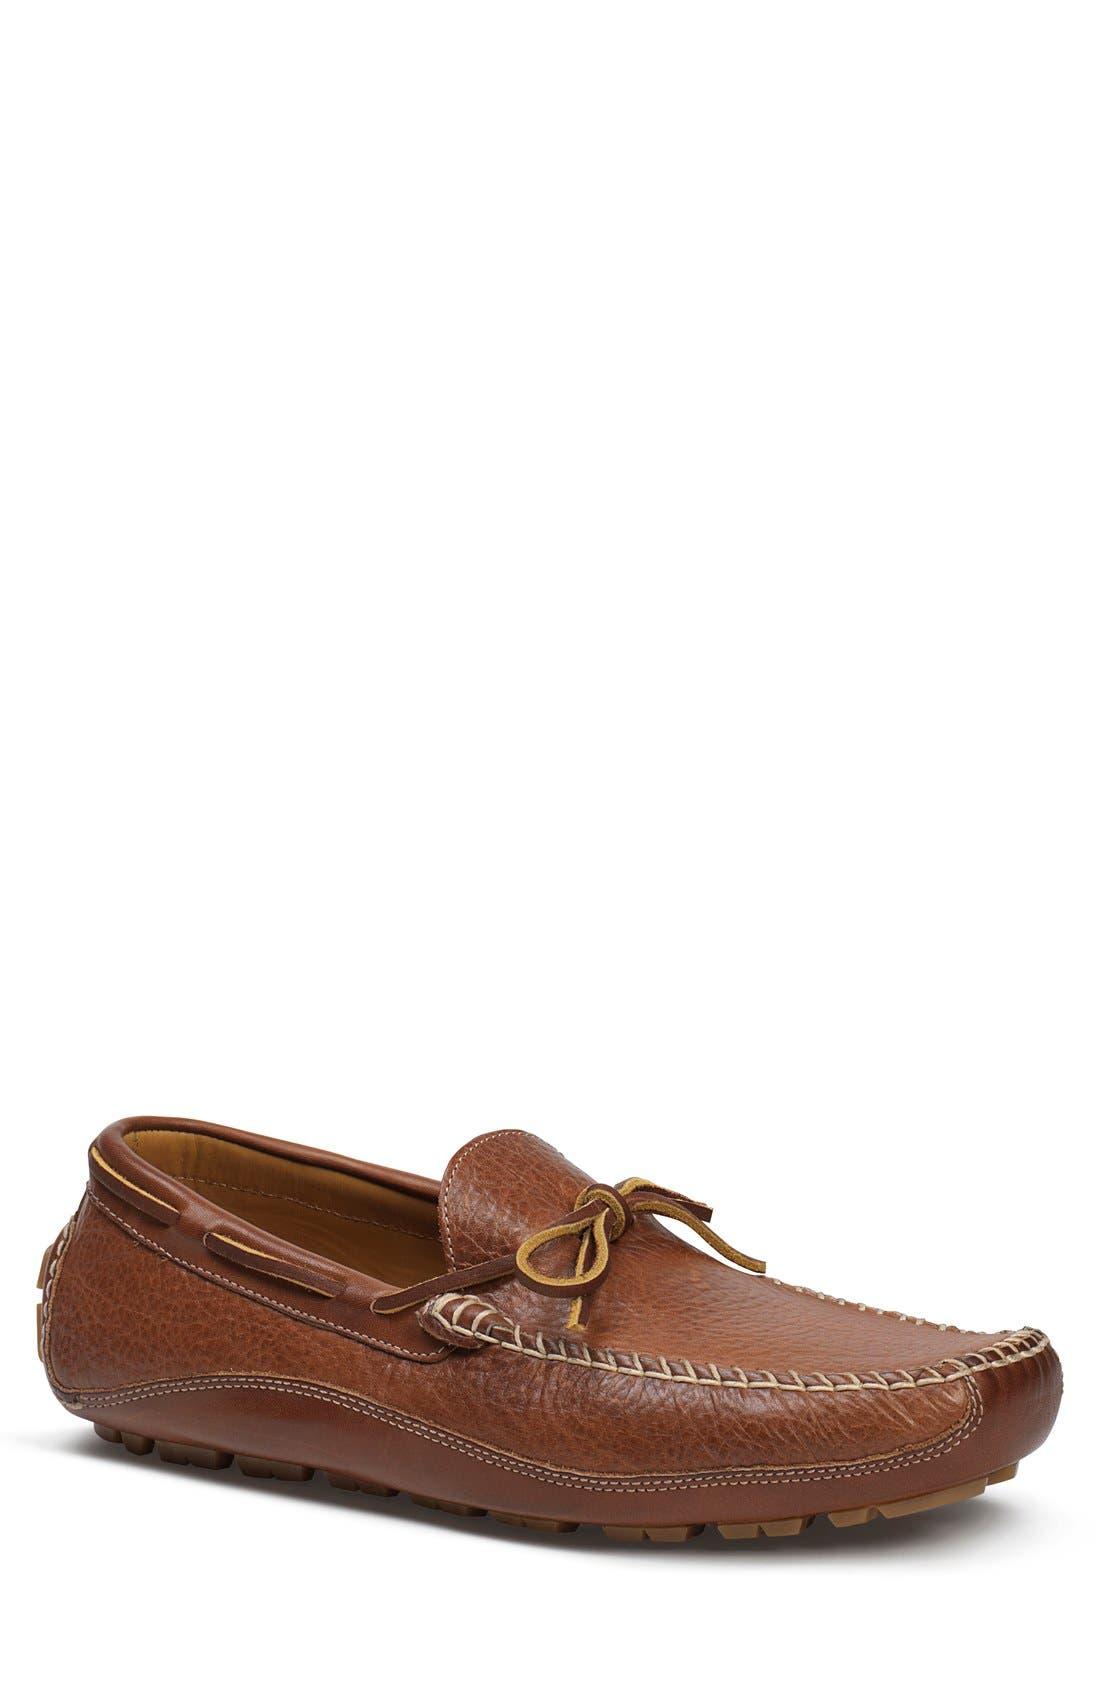 'Drake' Leather Driving Shoe,                             Main thumbnail 1, color,                             Saddle Tan